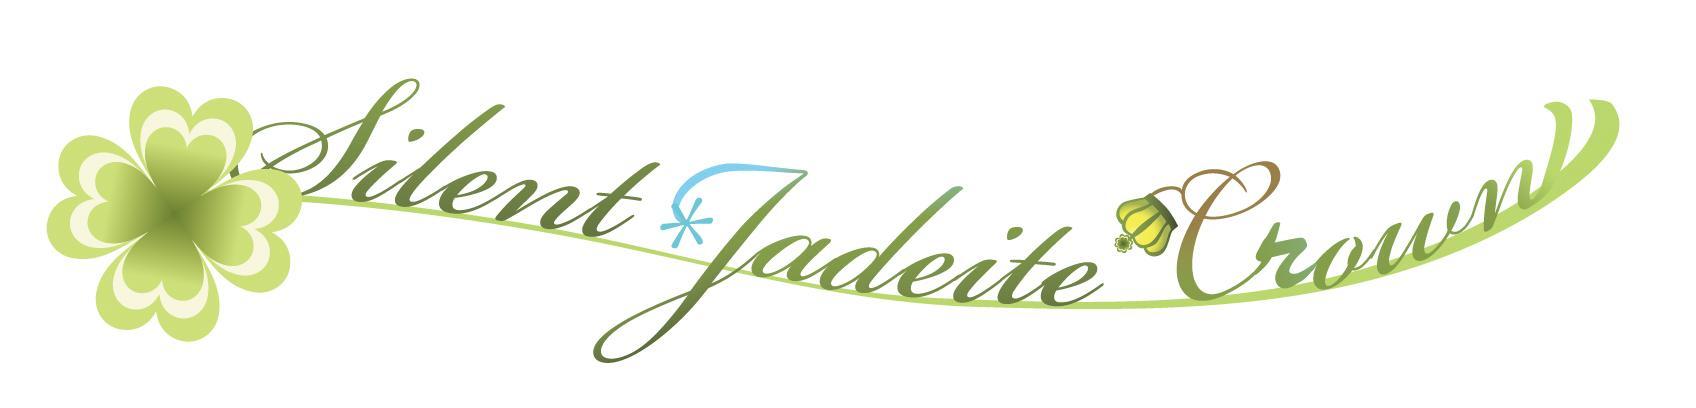 Silent-jadeite*crown